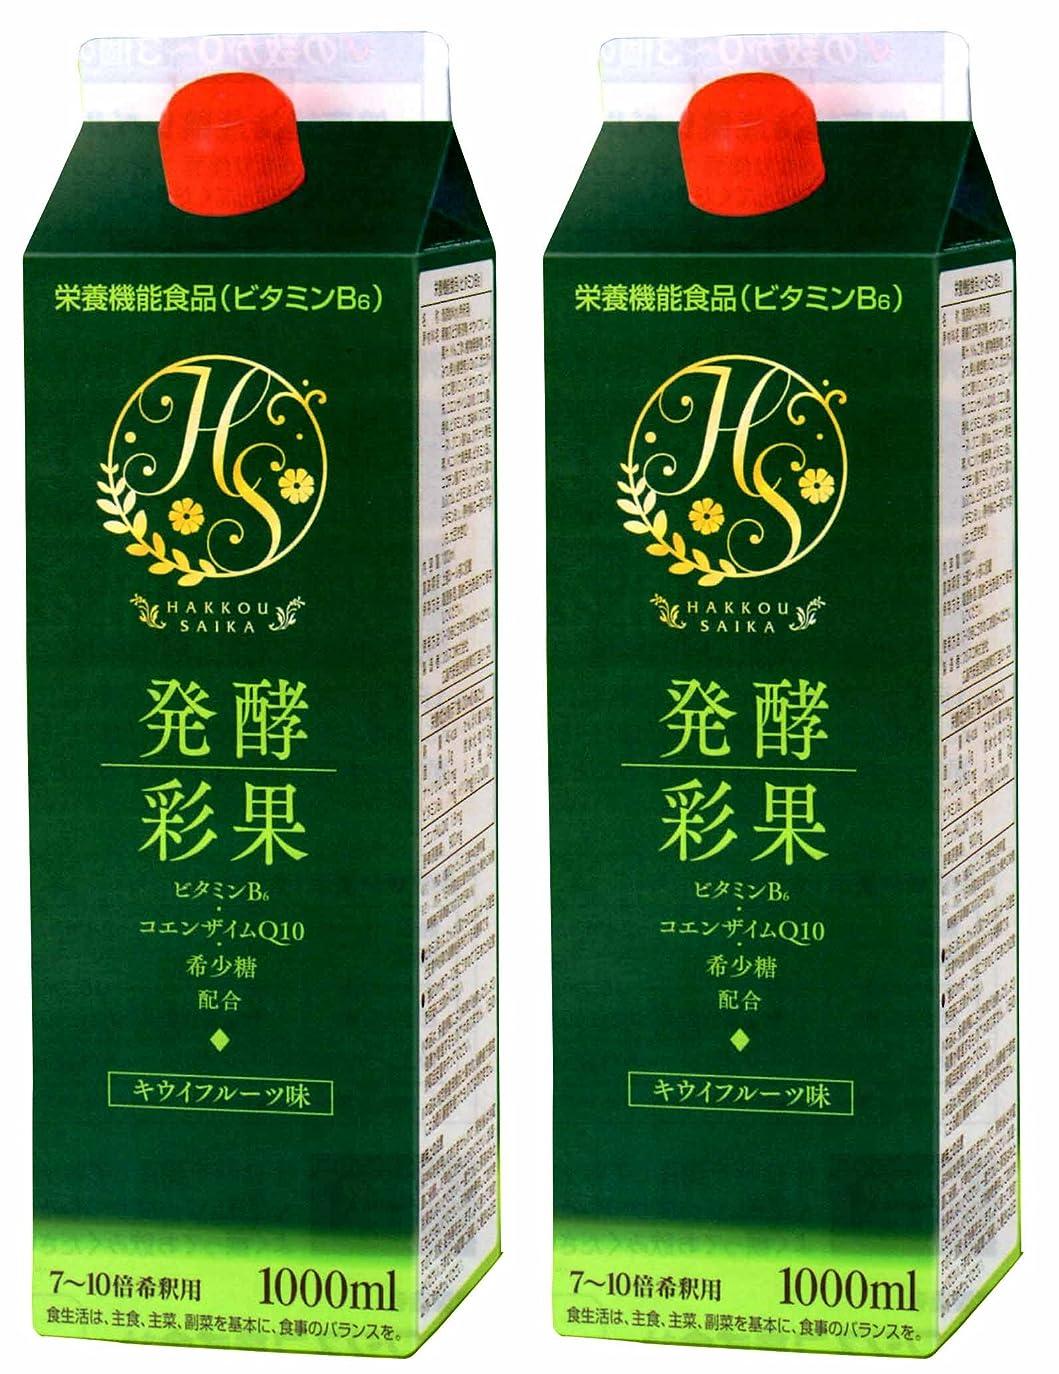 下にアンビエント伝統的バルクスポーツ ビタマックス 240カプセル(30日分)【マルチビタミン&ミネラル】